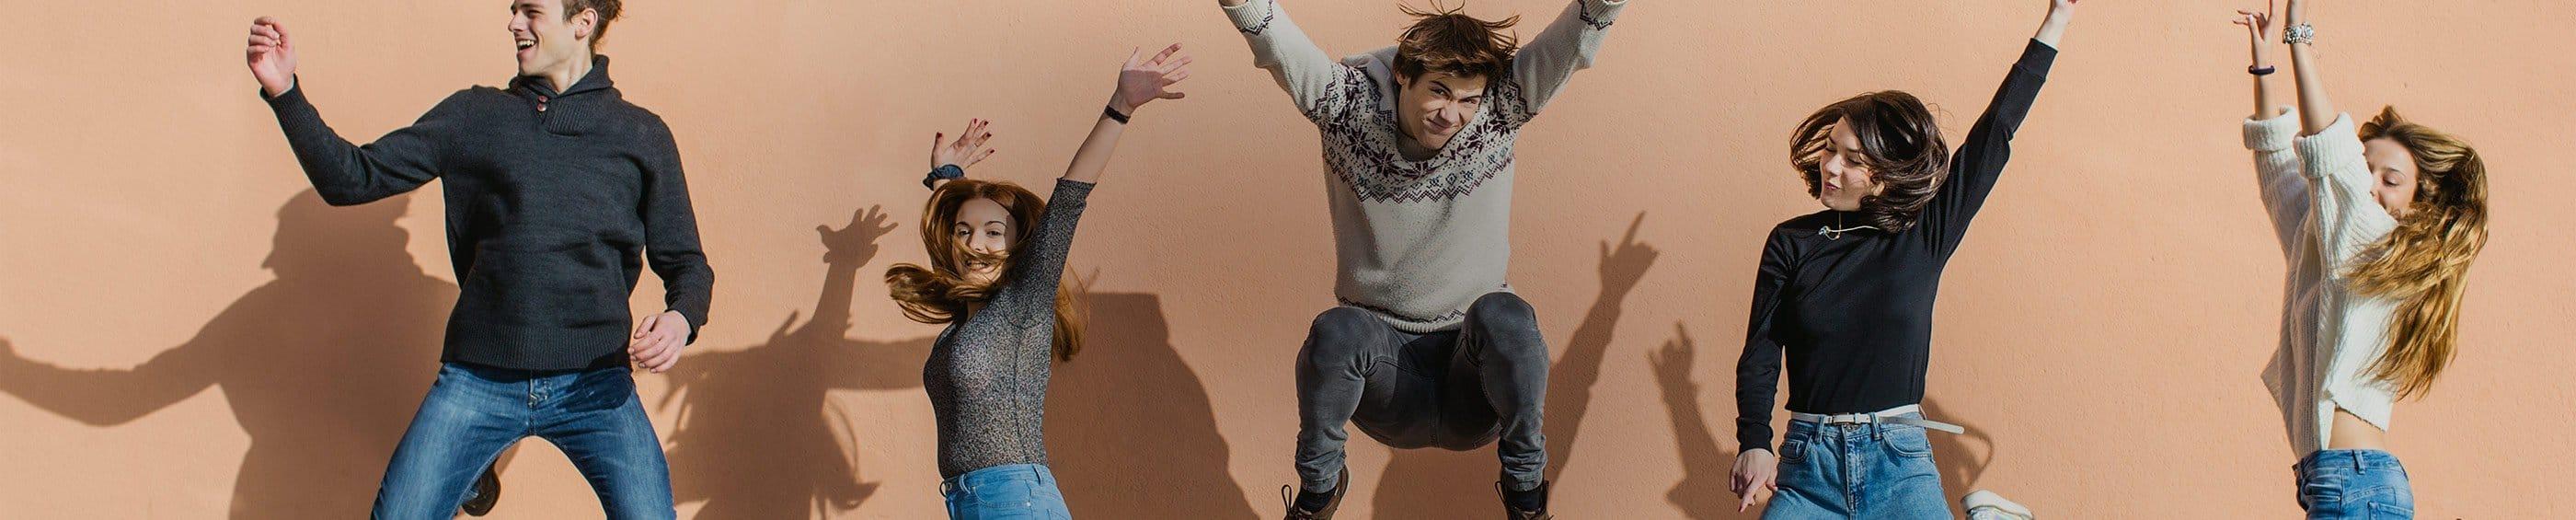 Una foto perfectamente sincronizada de un grupo de amigos saltando en el aire con las manos en el aire